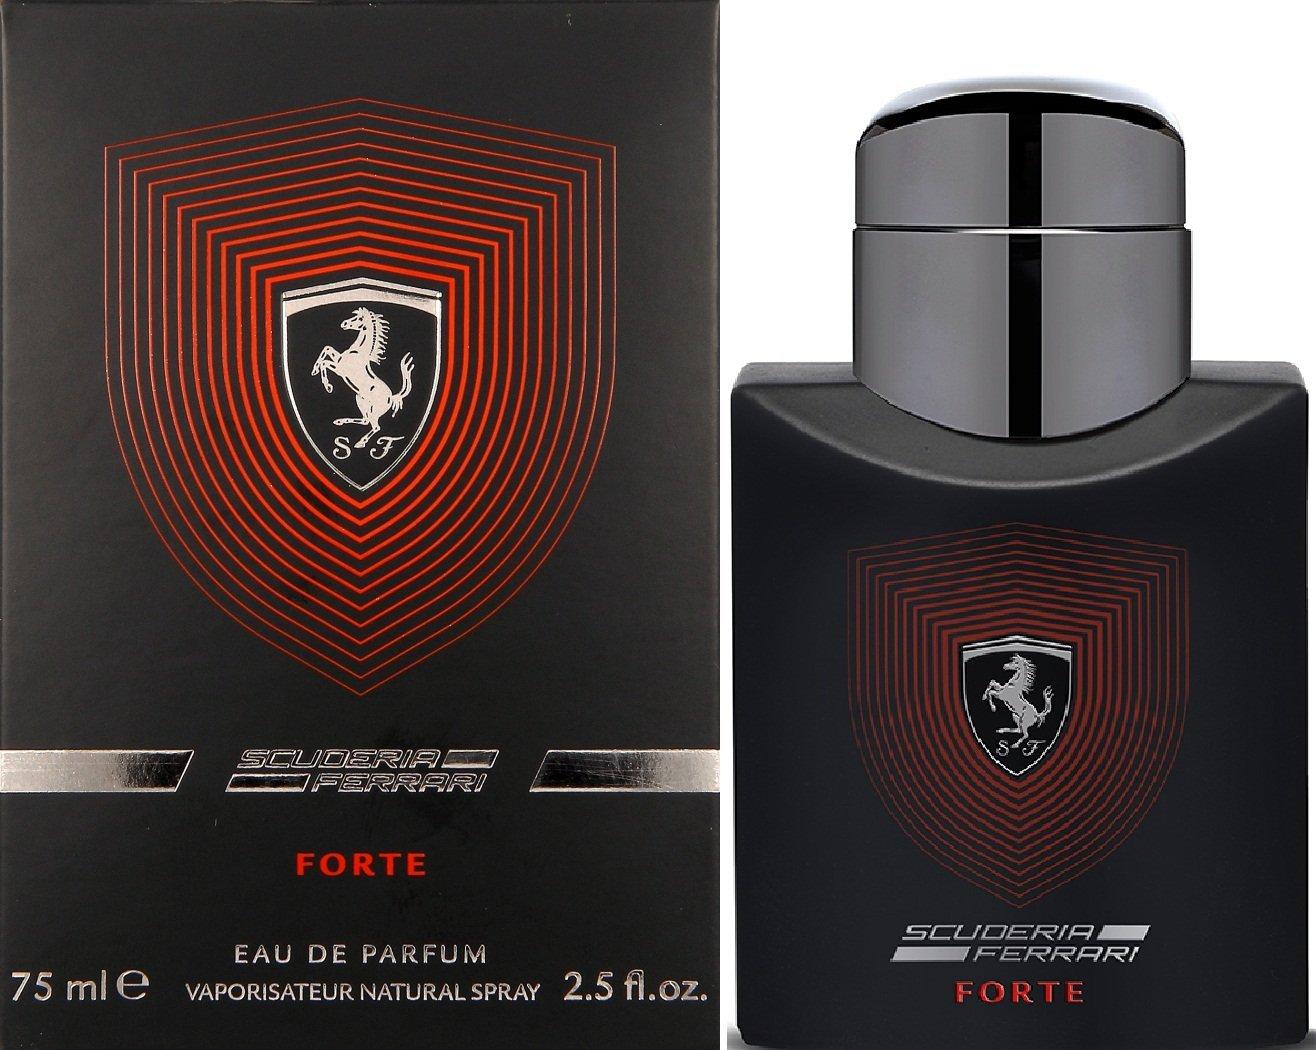 Ferrari Scuderia Forte Eau De Parfum 75ml Amazon De Beauty